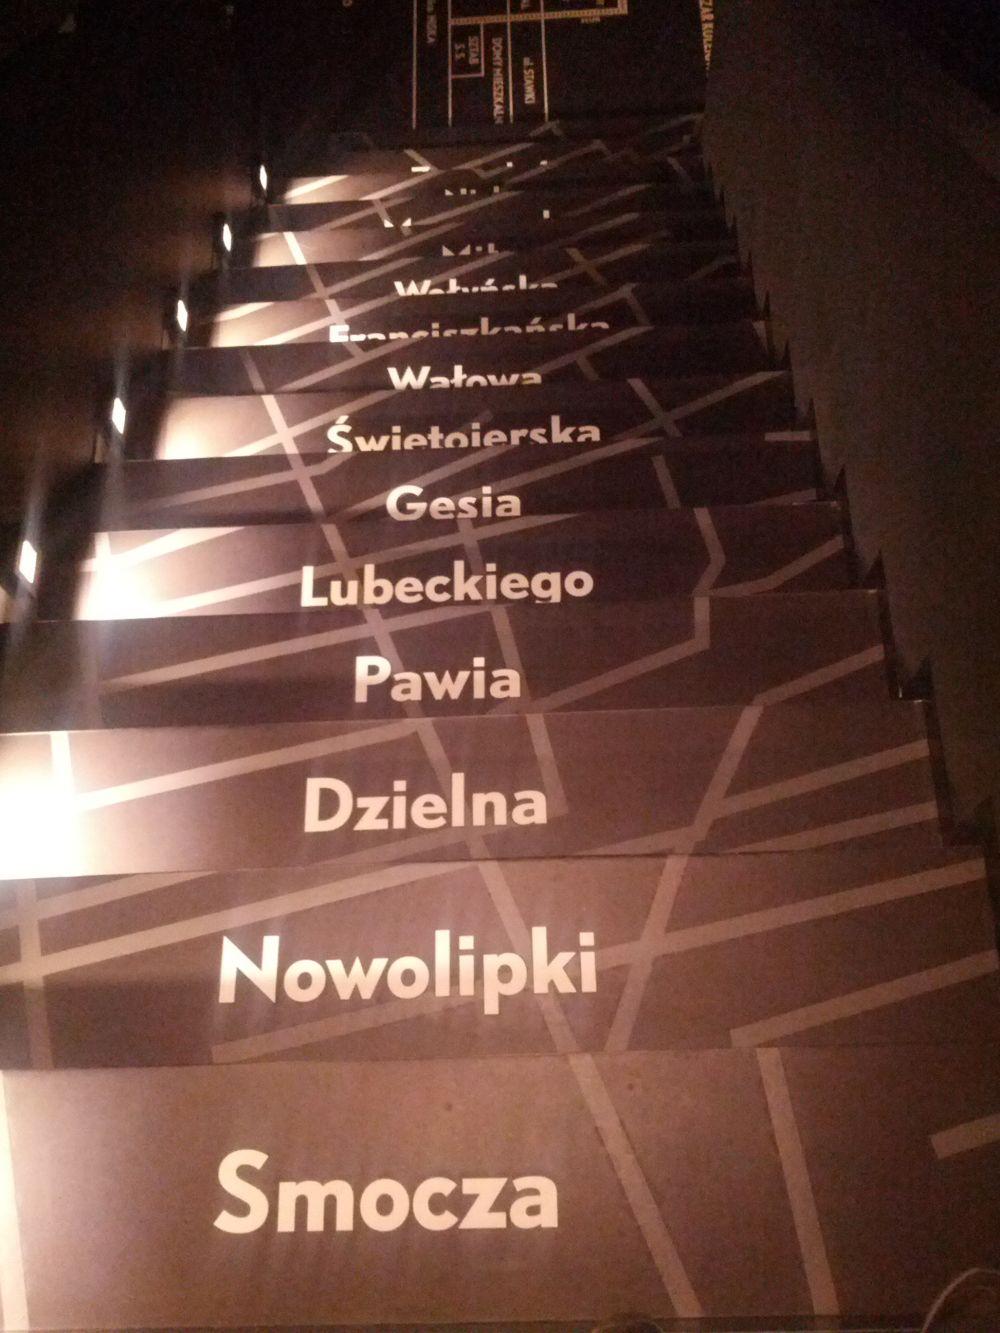 Schody w tej części muzeum Żydów, która dokumentuje Zagładę